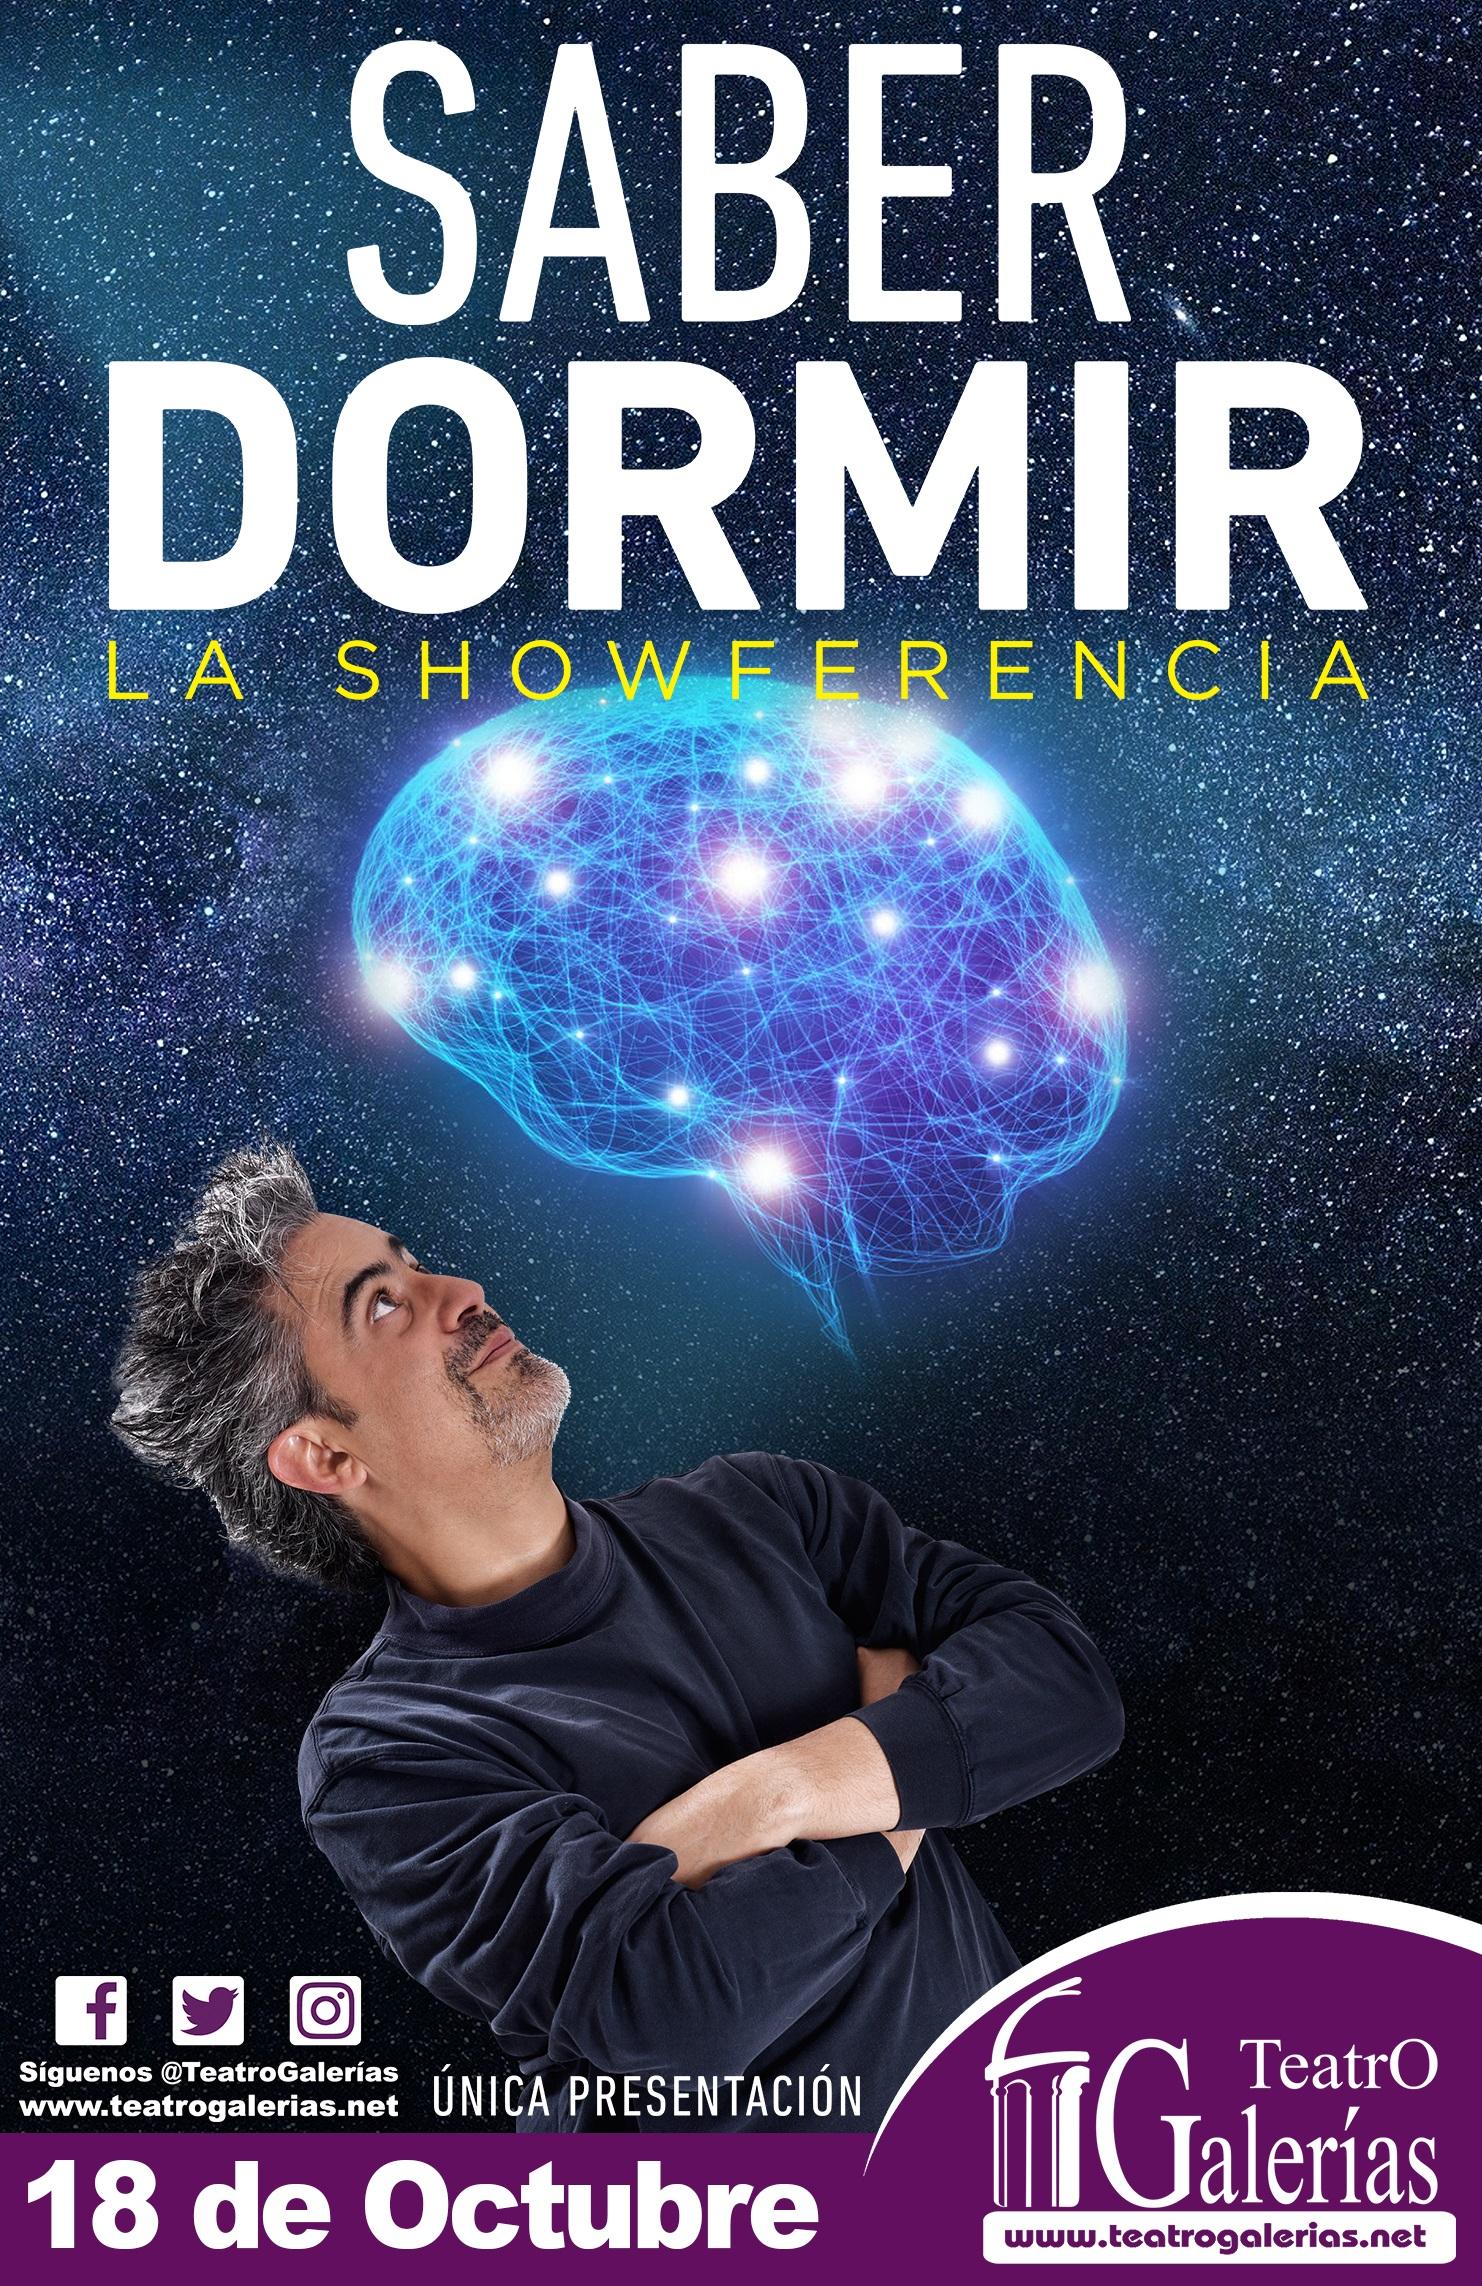 Saber Dormir / Teatro Galerías